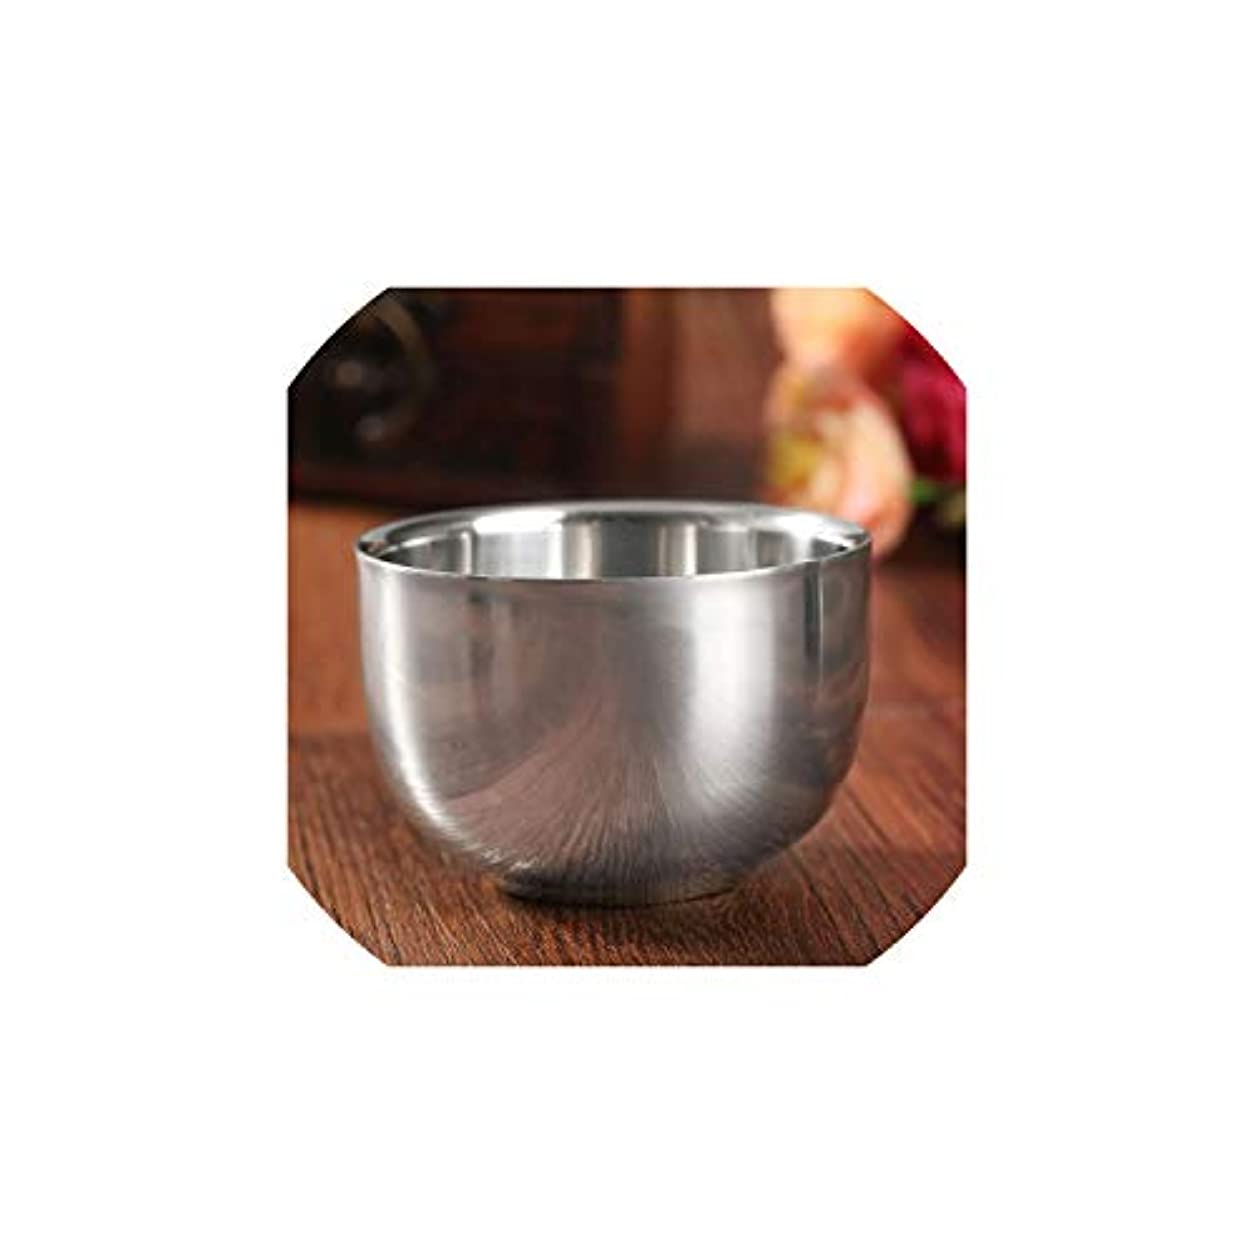 さまようコイル矢Dream-catching 7.2cm ステンレススチール メタル メンズ シェービングマグ ボウルカップ シェービングマグ シェービングマグ メンズマグ ボウルカップ シェーブブラシ用